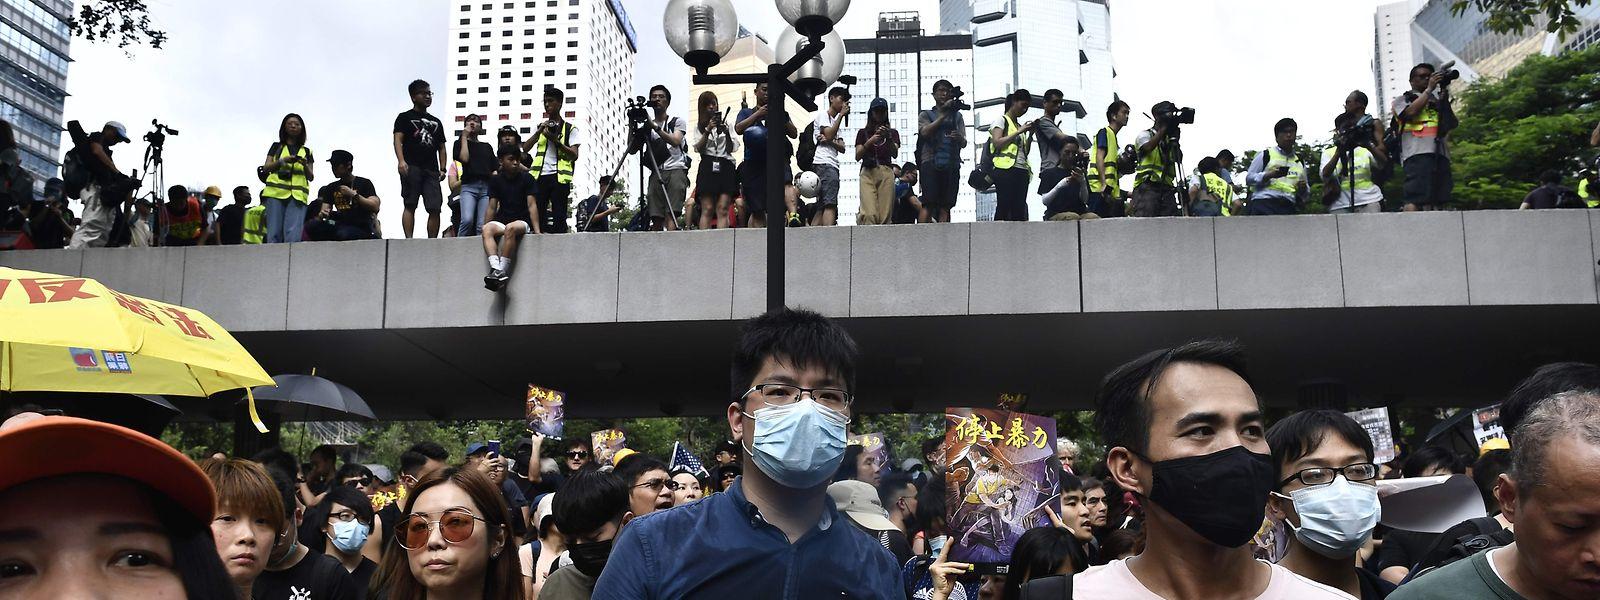 Trotz Protestverbots gingen am vergangenen Wochenende wieder Zehntausende auf die Straße.